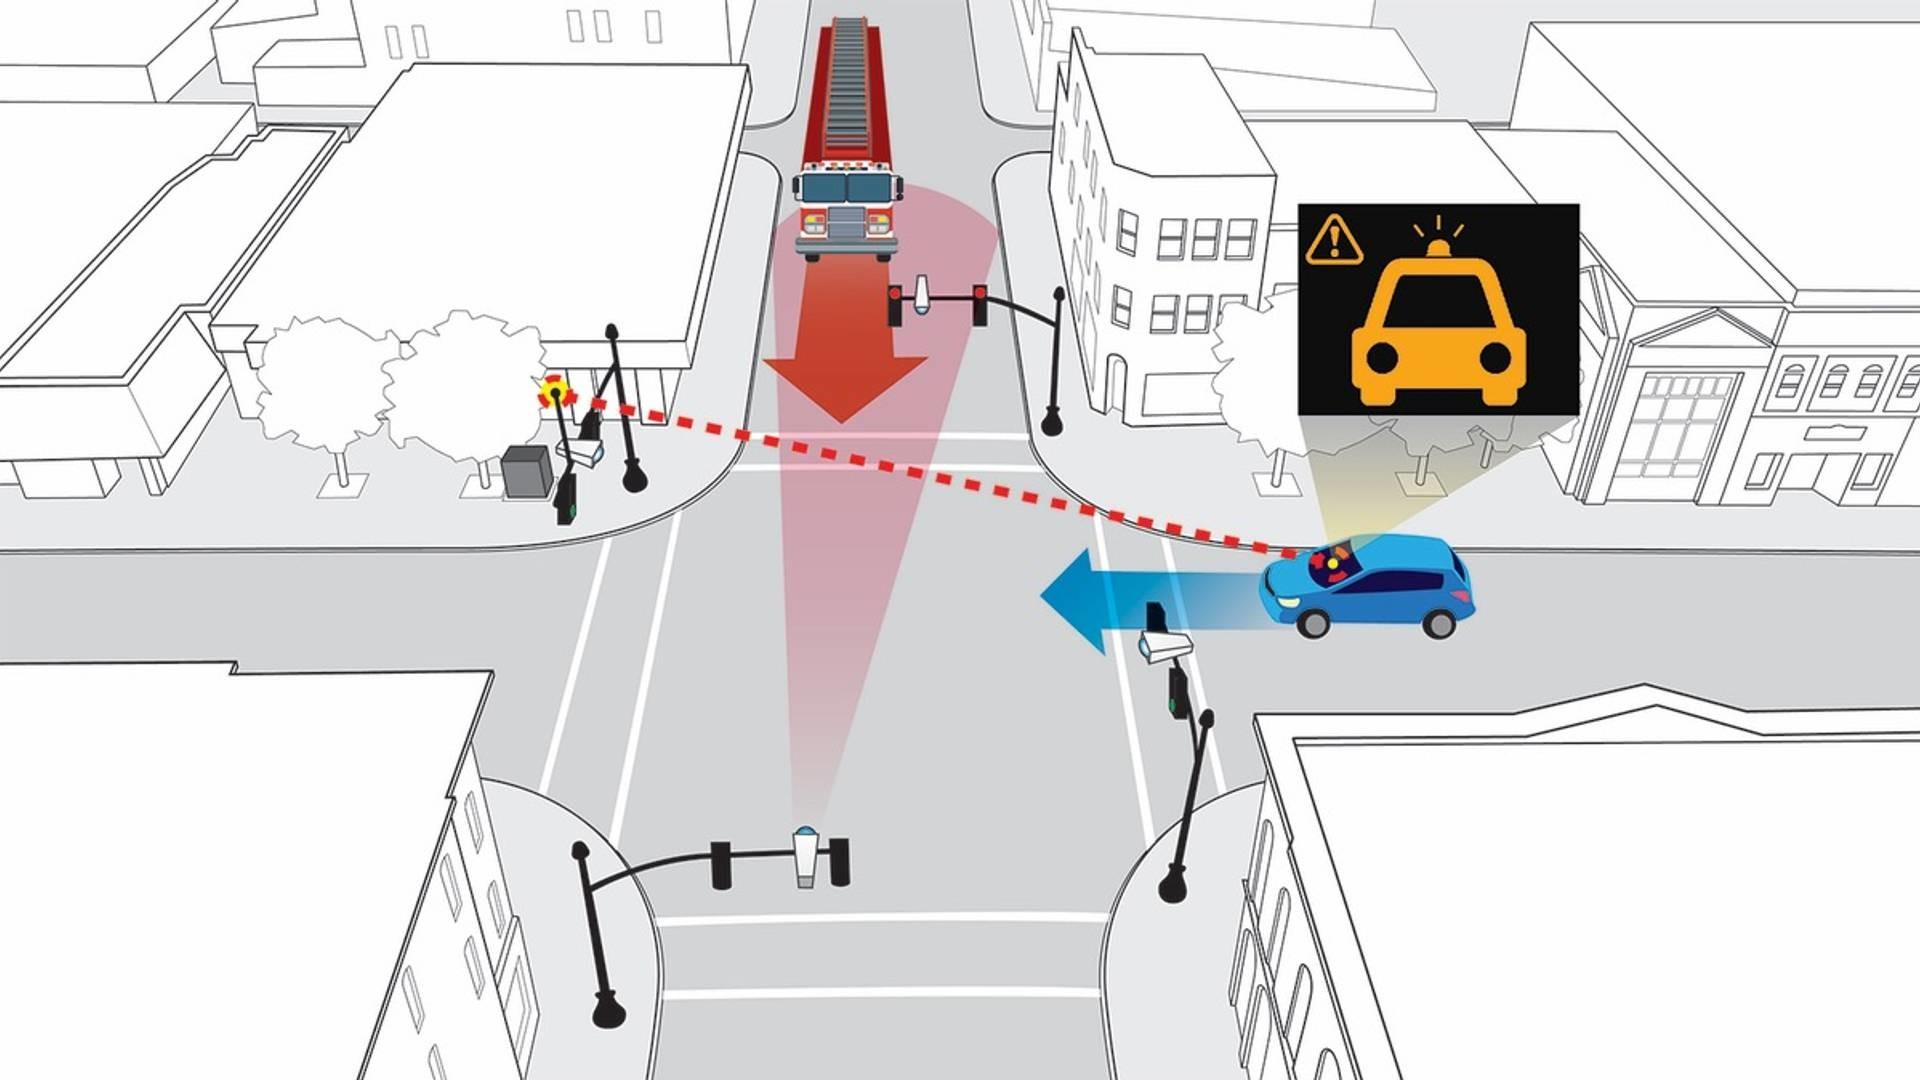 Tecnologia vai reduzir número e gravidade de acidentes em cruzamentos